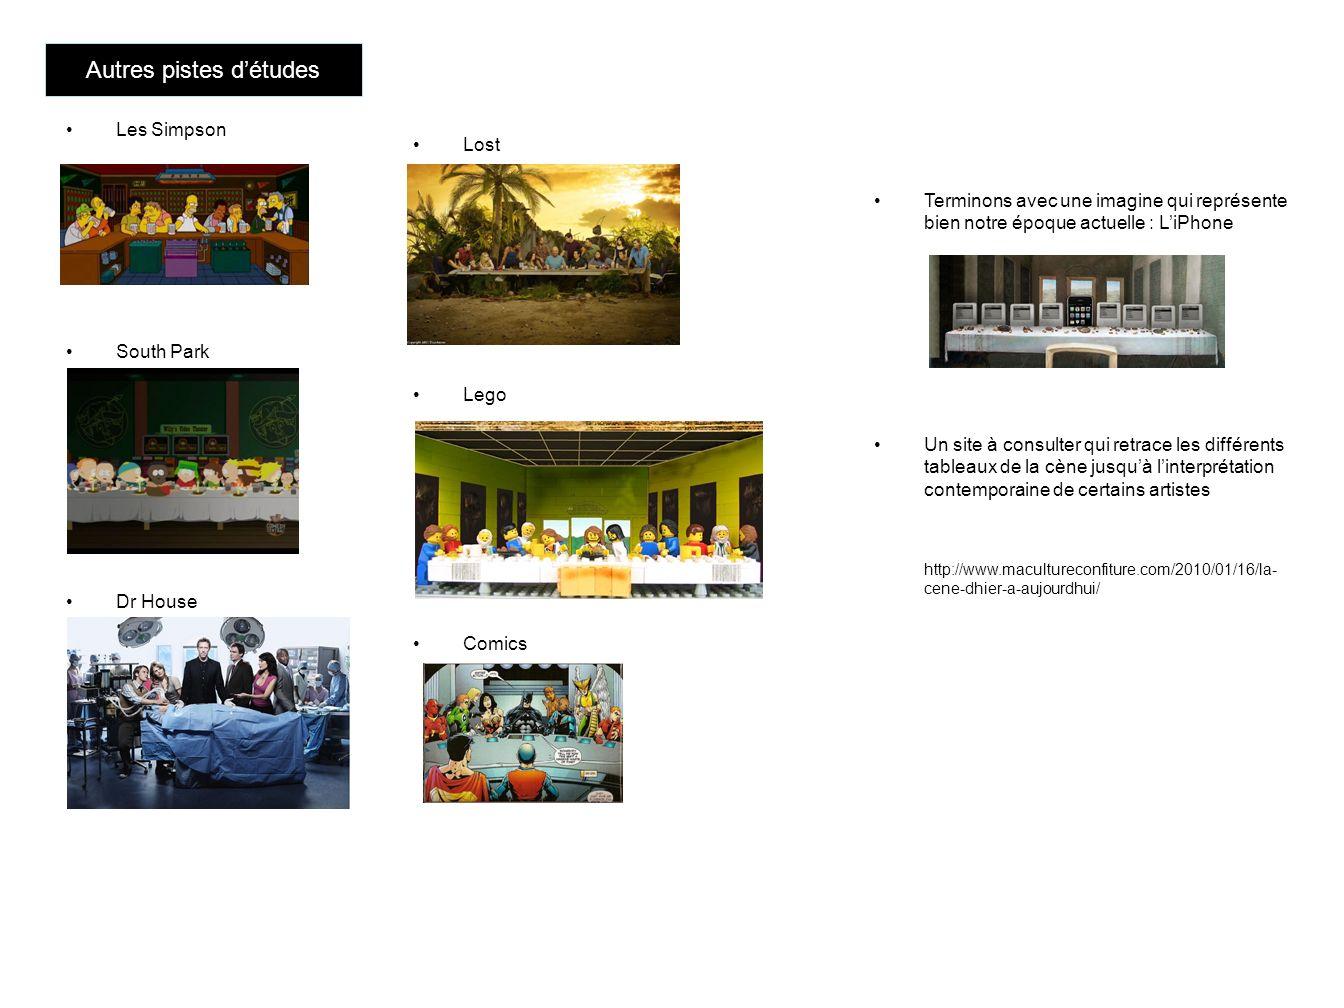 Terminons avec une imagine qui représente bien notre époque actuelle : LiPhone Un site à consulter qui retrace les différents tableaux de la cène jusquà linterprétation contemporaine de certains artistes http://www.macultureconfiture.com/2010/01/16/la- cene-dhier-a-aujourdhui/ Autres pistes détudes Les Simpson South Park Dr House Lost Lego Comics